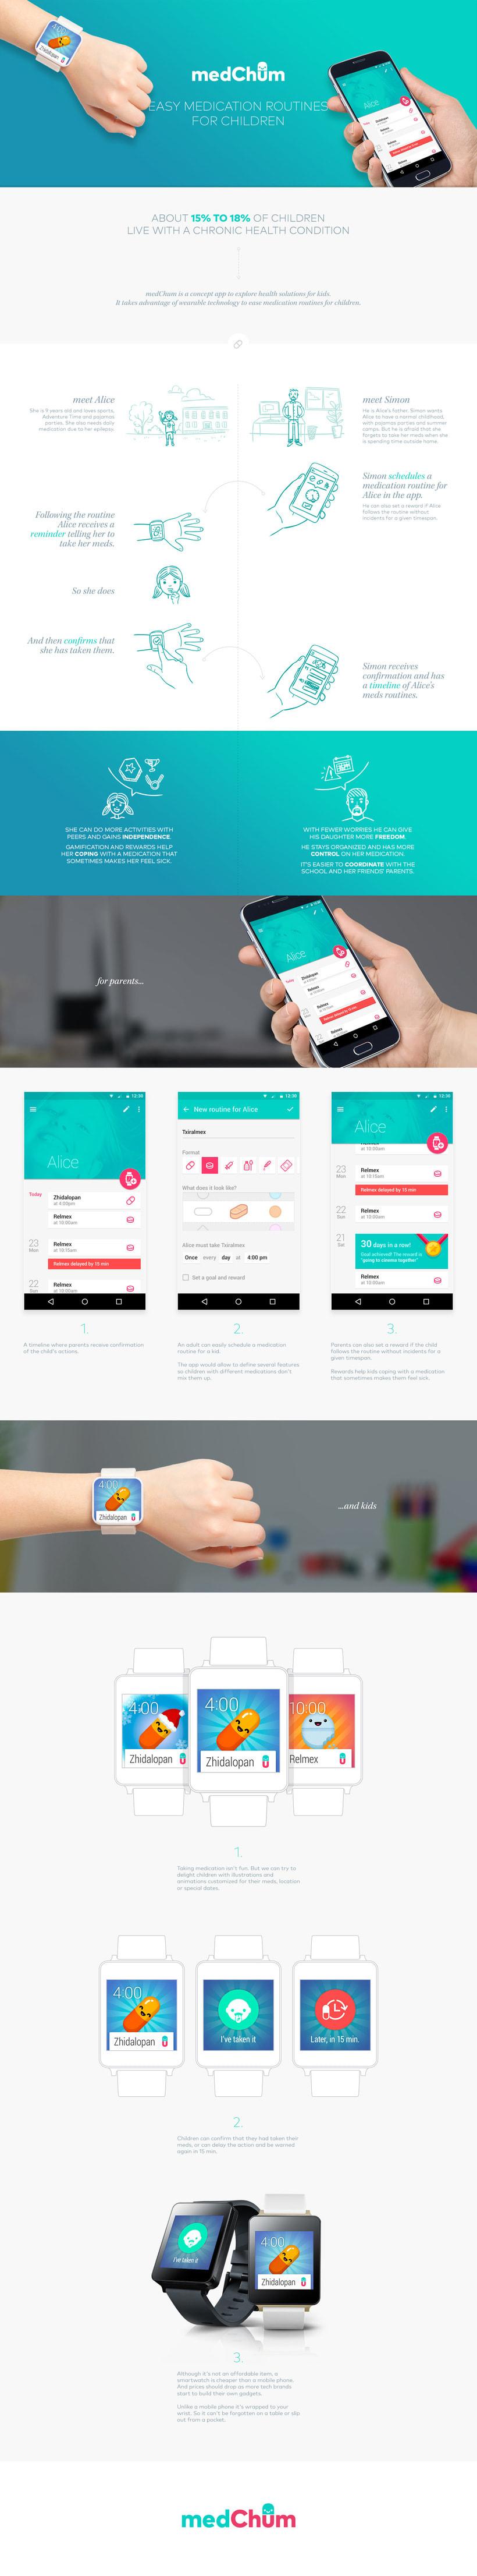 medChum App Concept 0